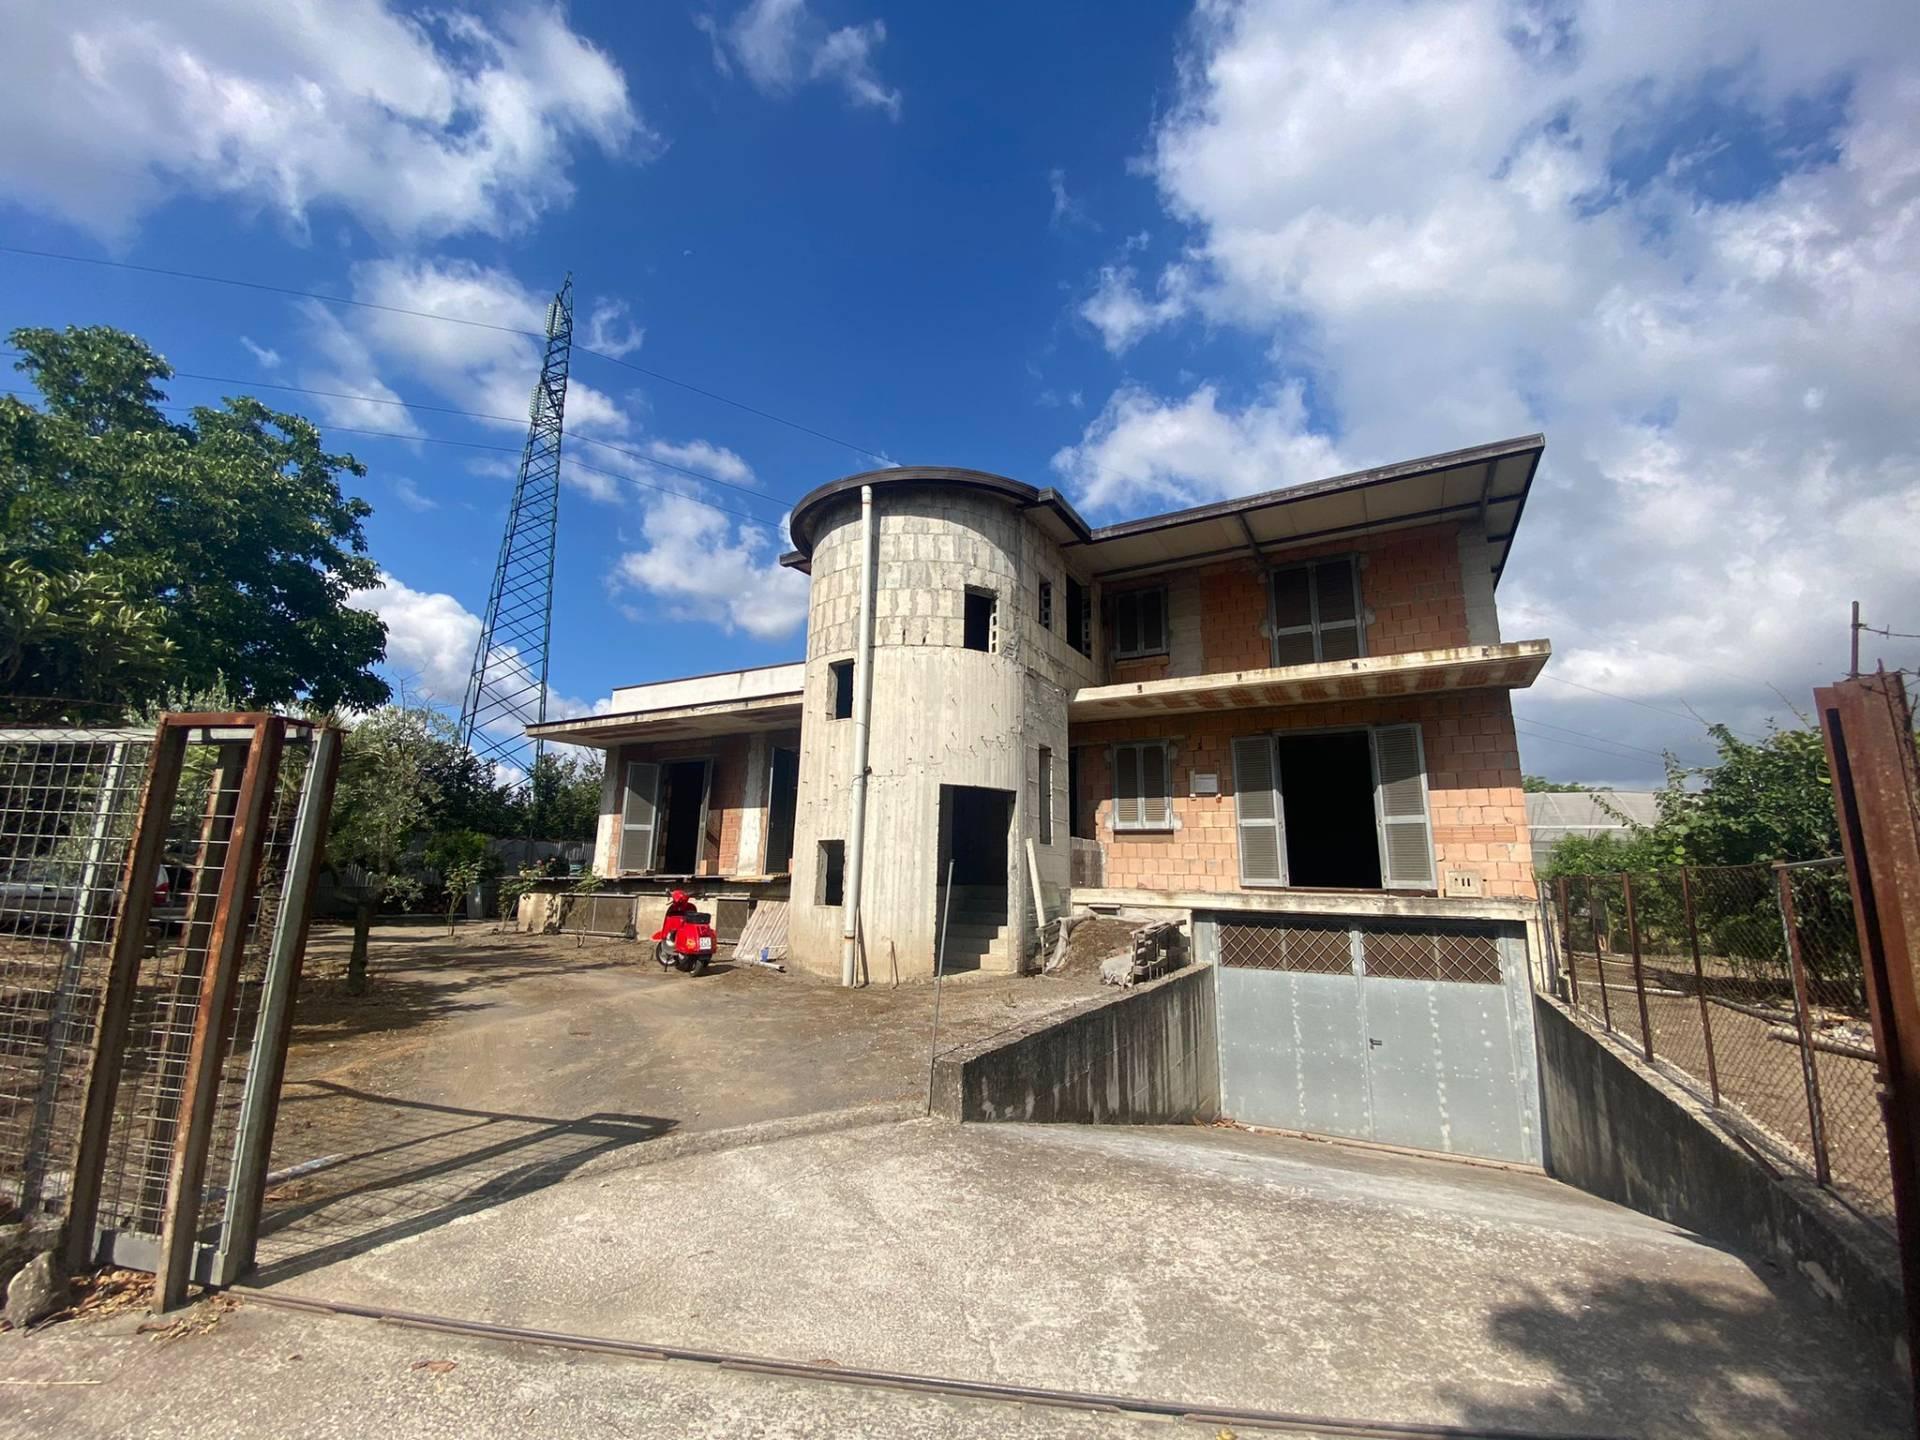 Soluzione Indipendente in vendita a Marigliano, 8 locali, prezzo € 330.000 | CambioCasa.it